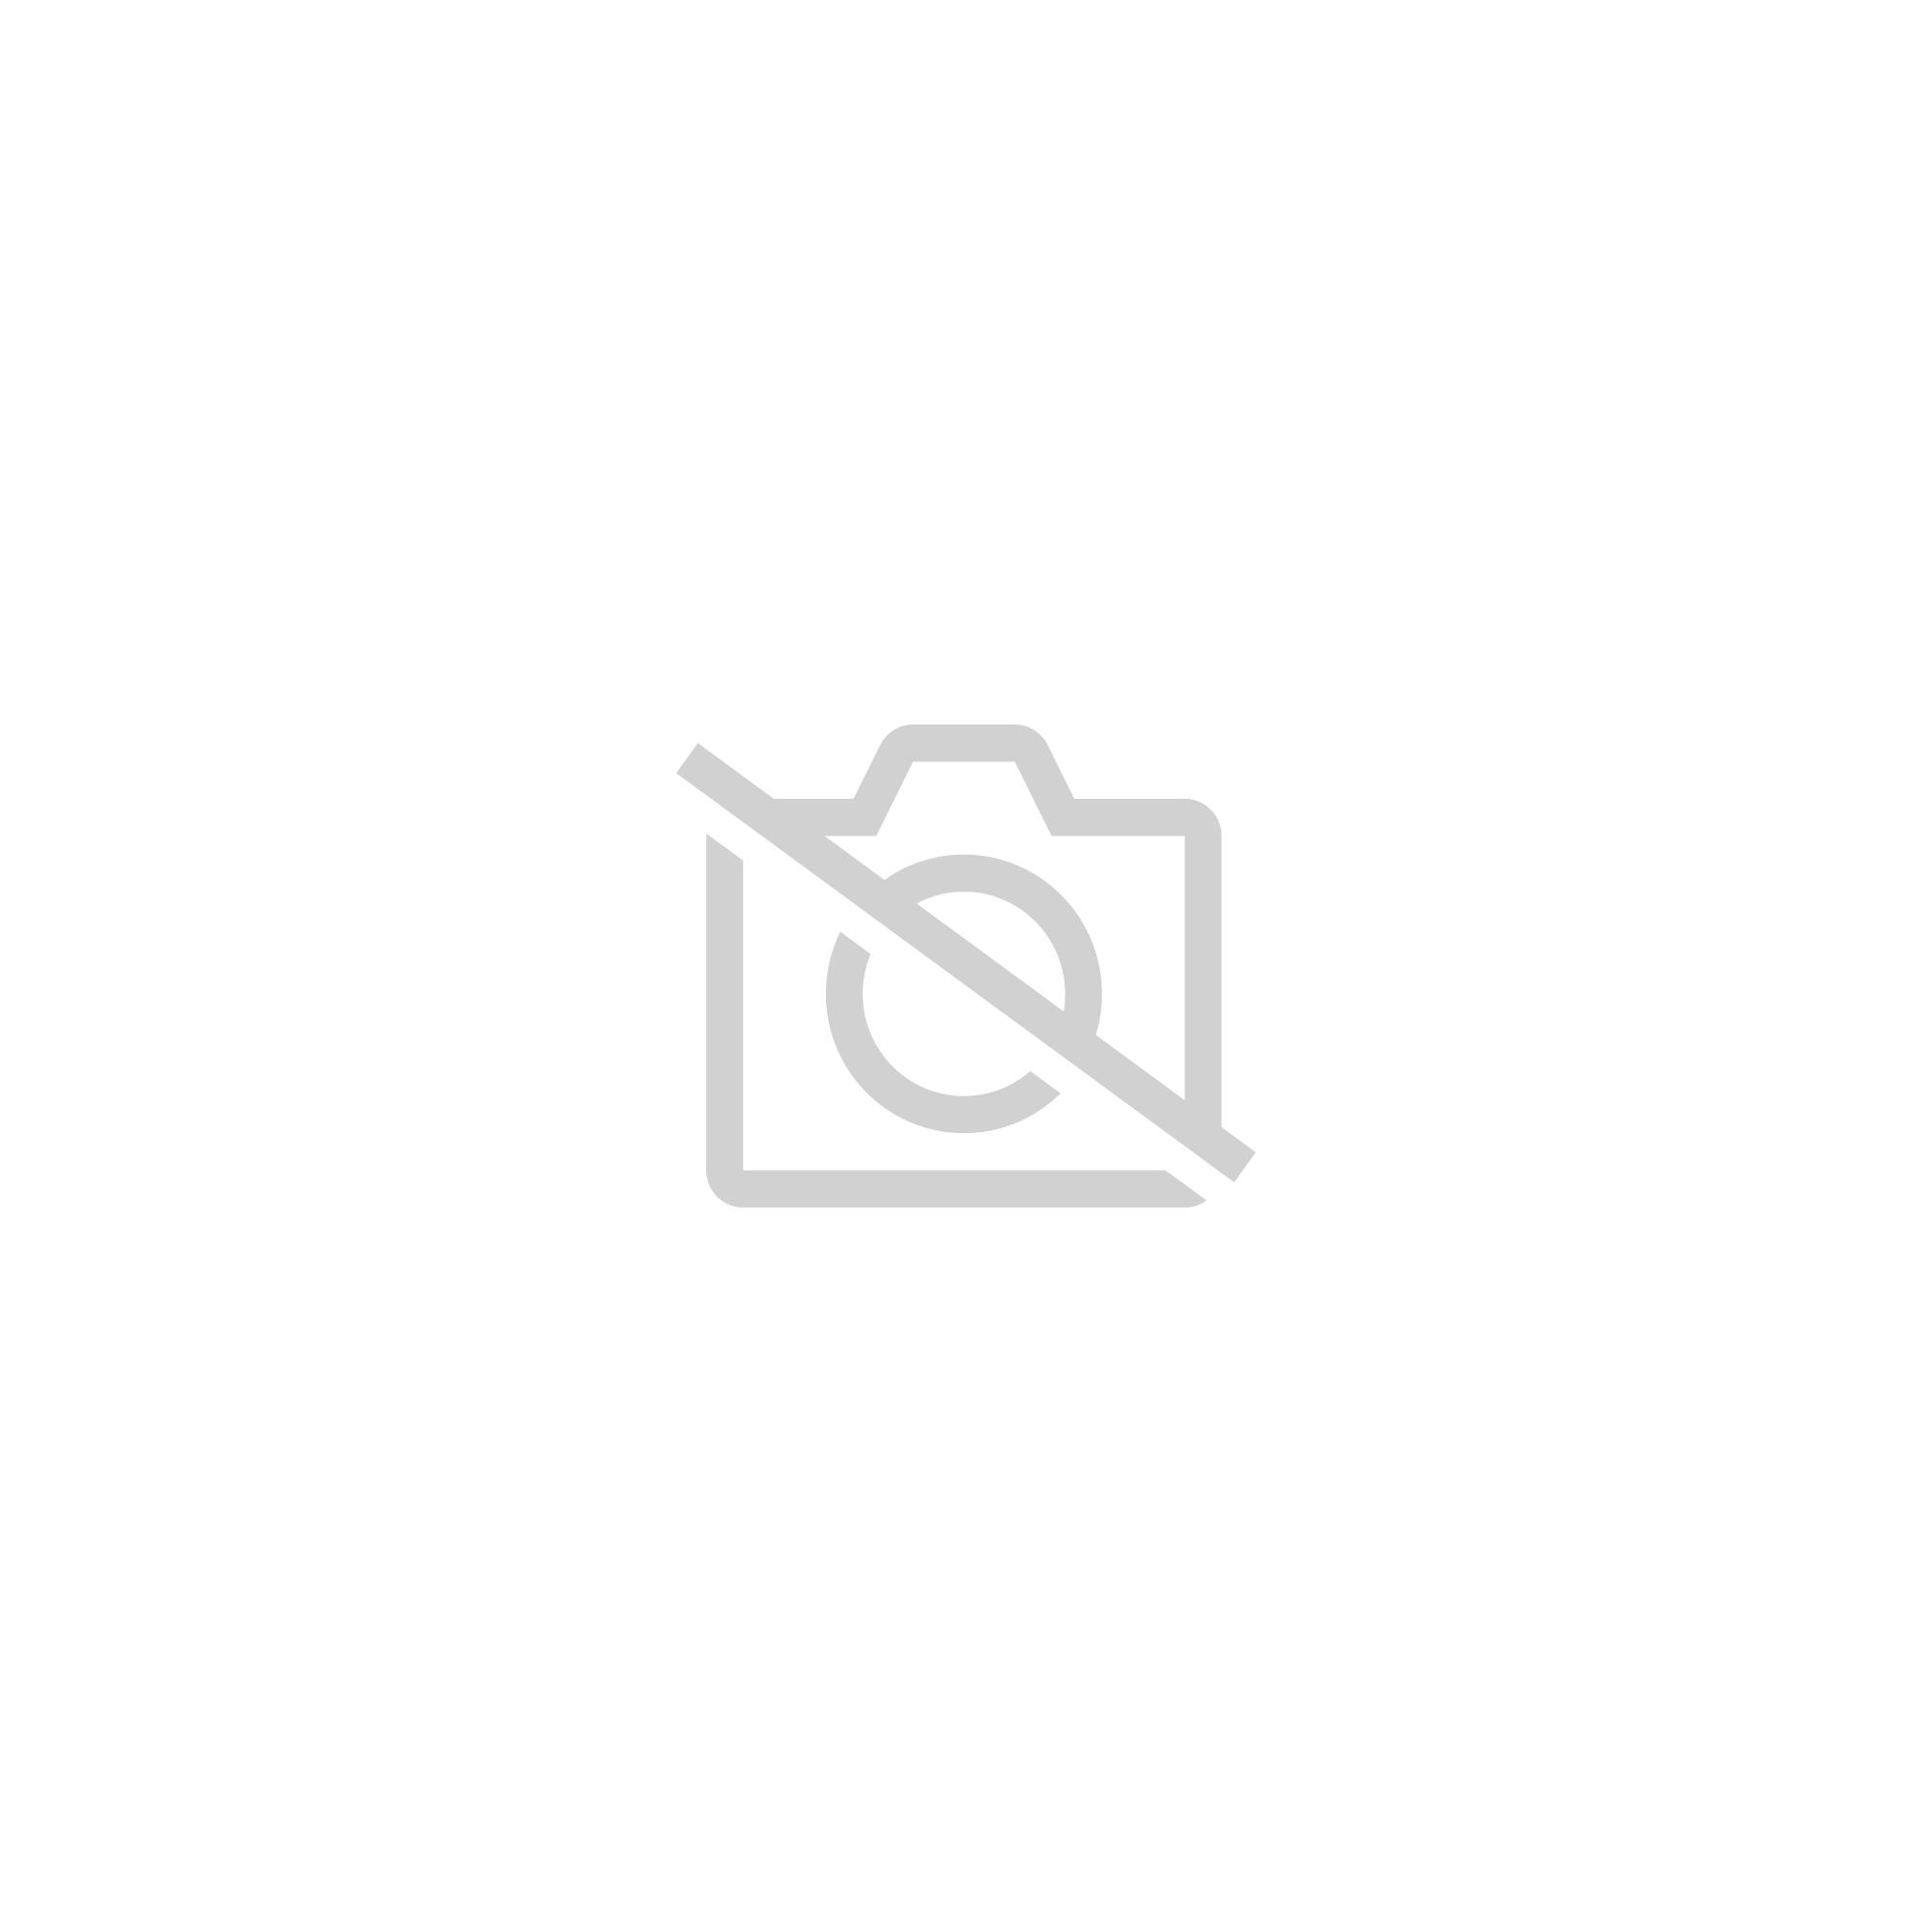 adidas gazelle taille 25